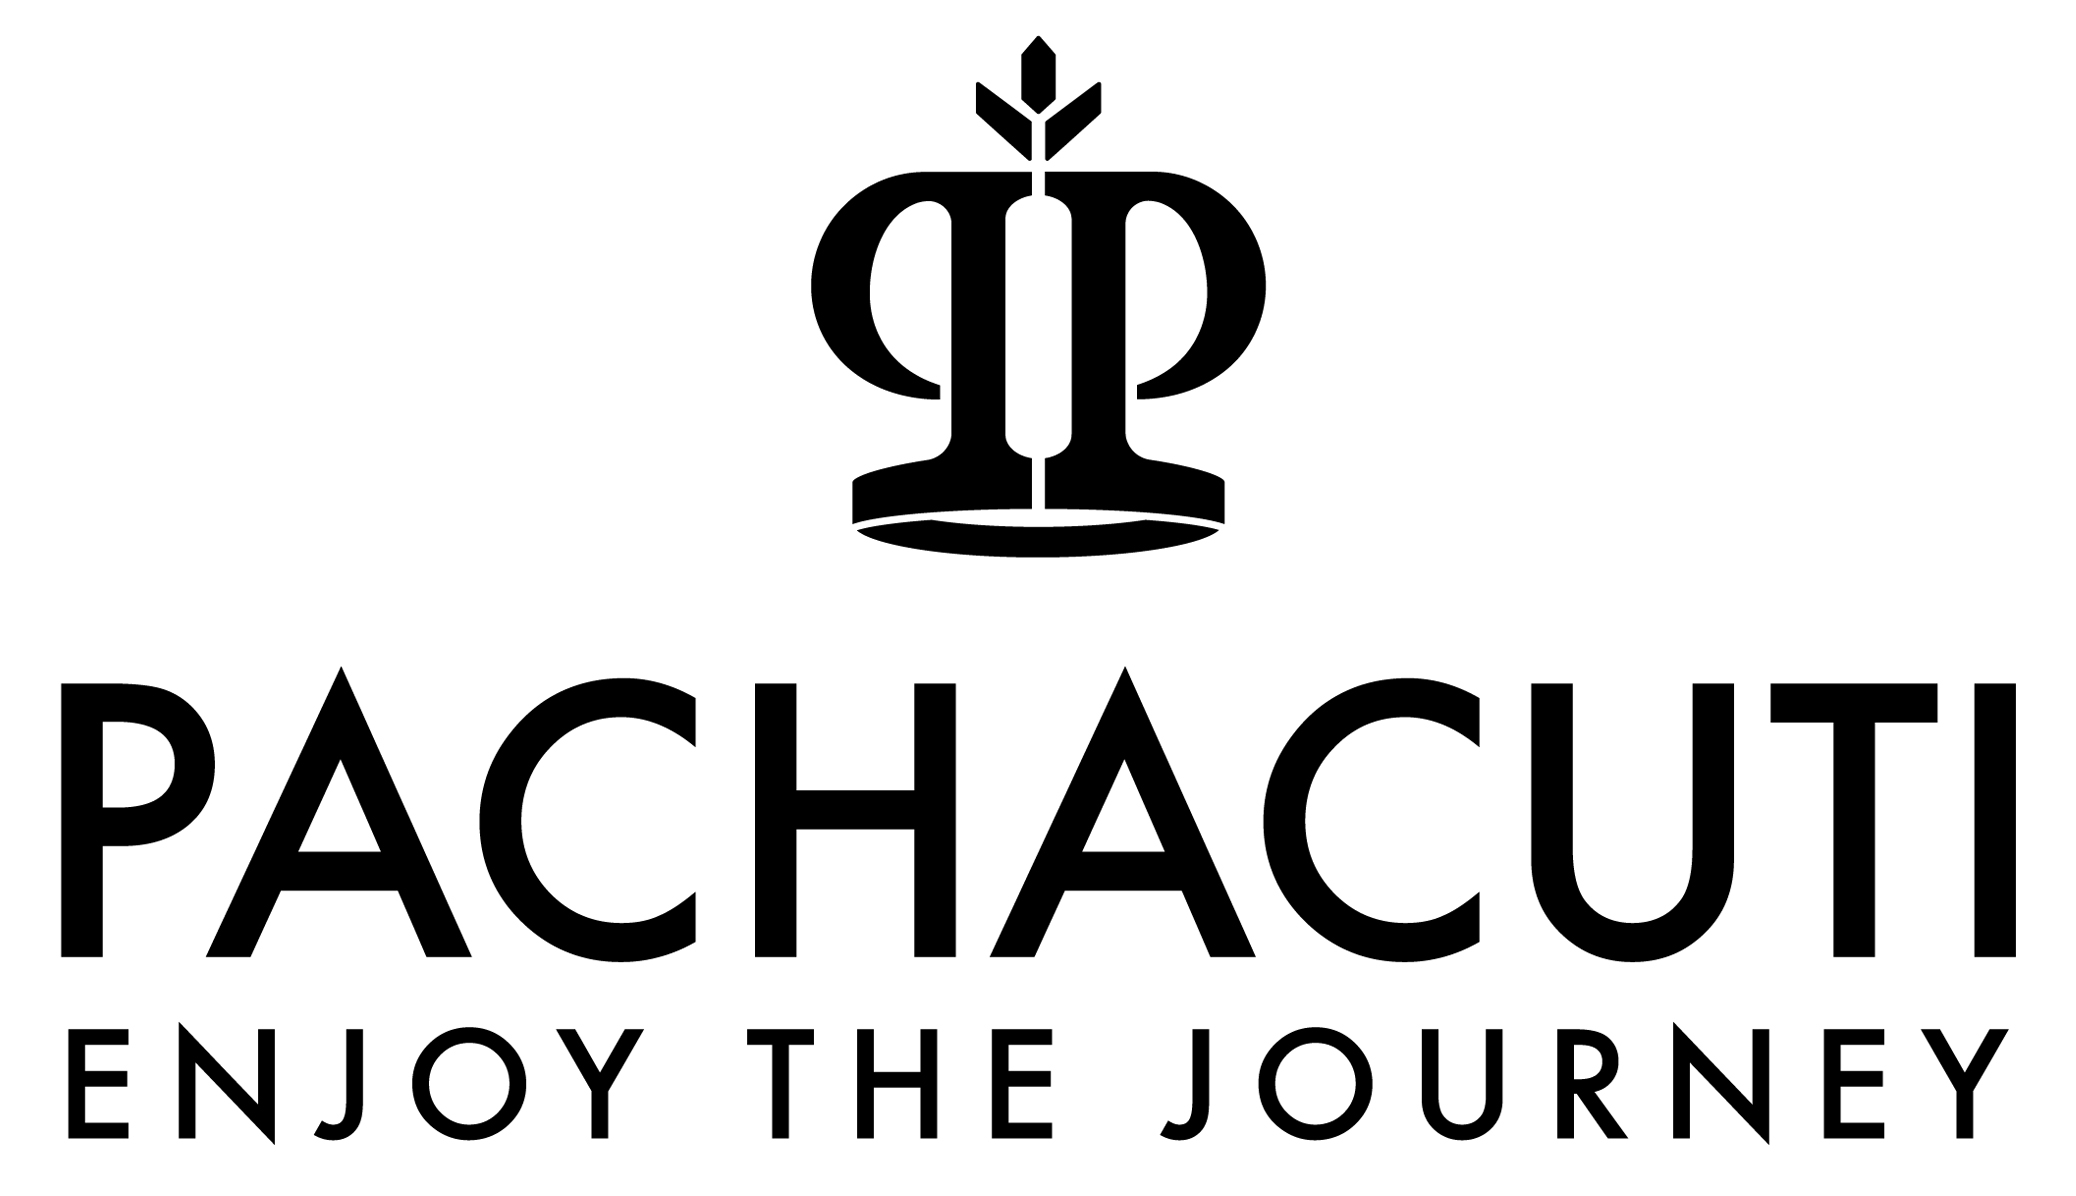 pachacuti logo (3).jpg